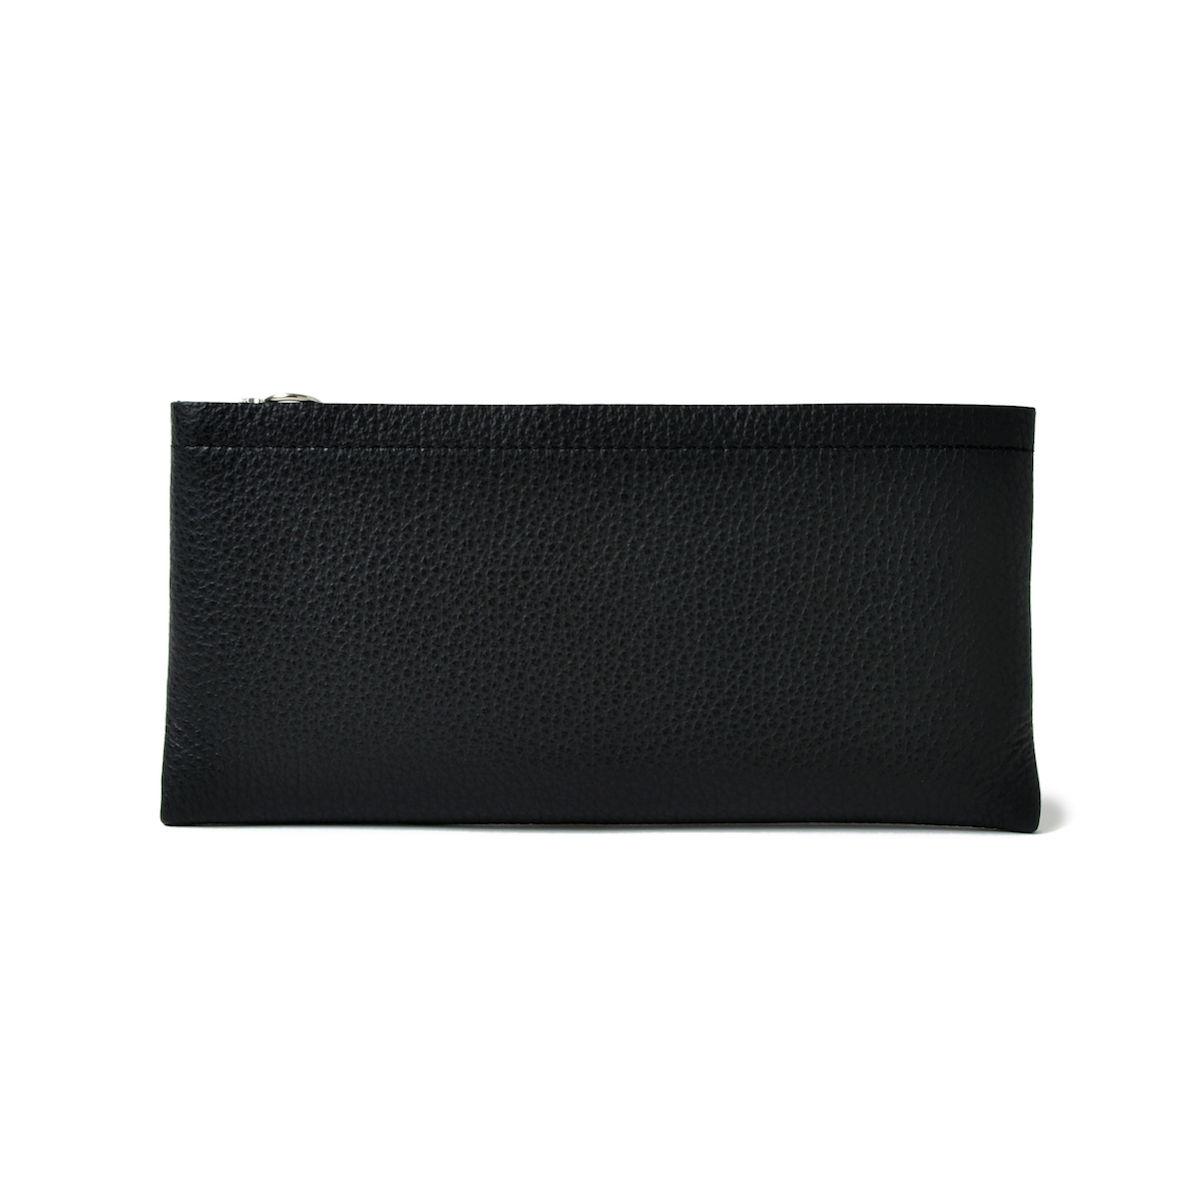 Aeta / LONG WALLET -Black